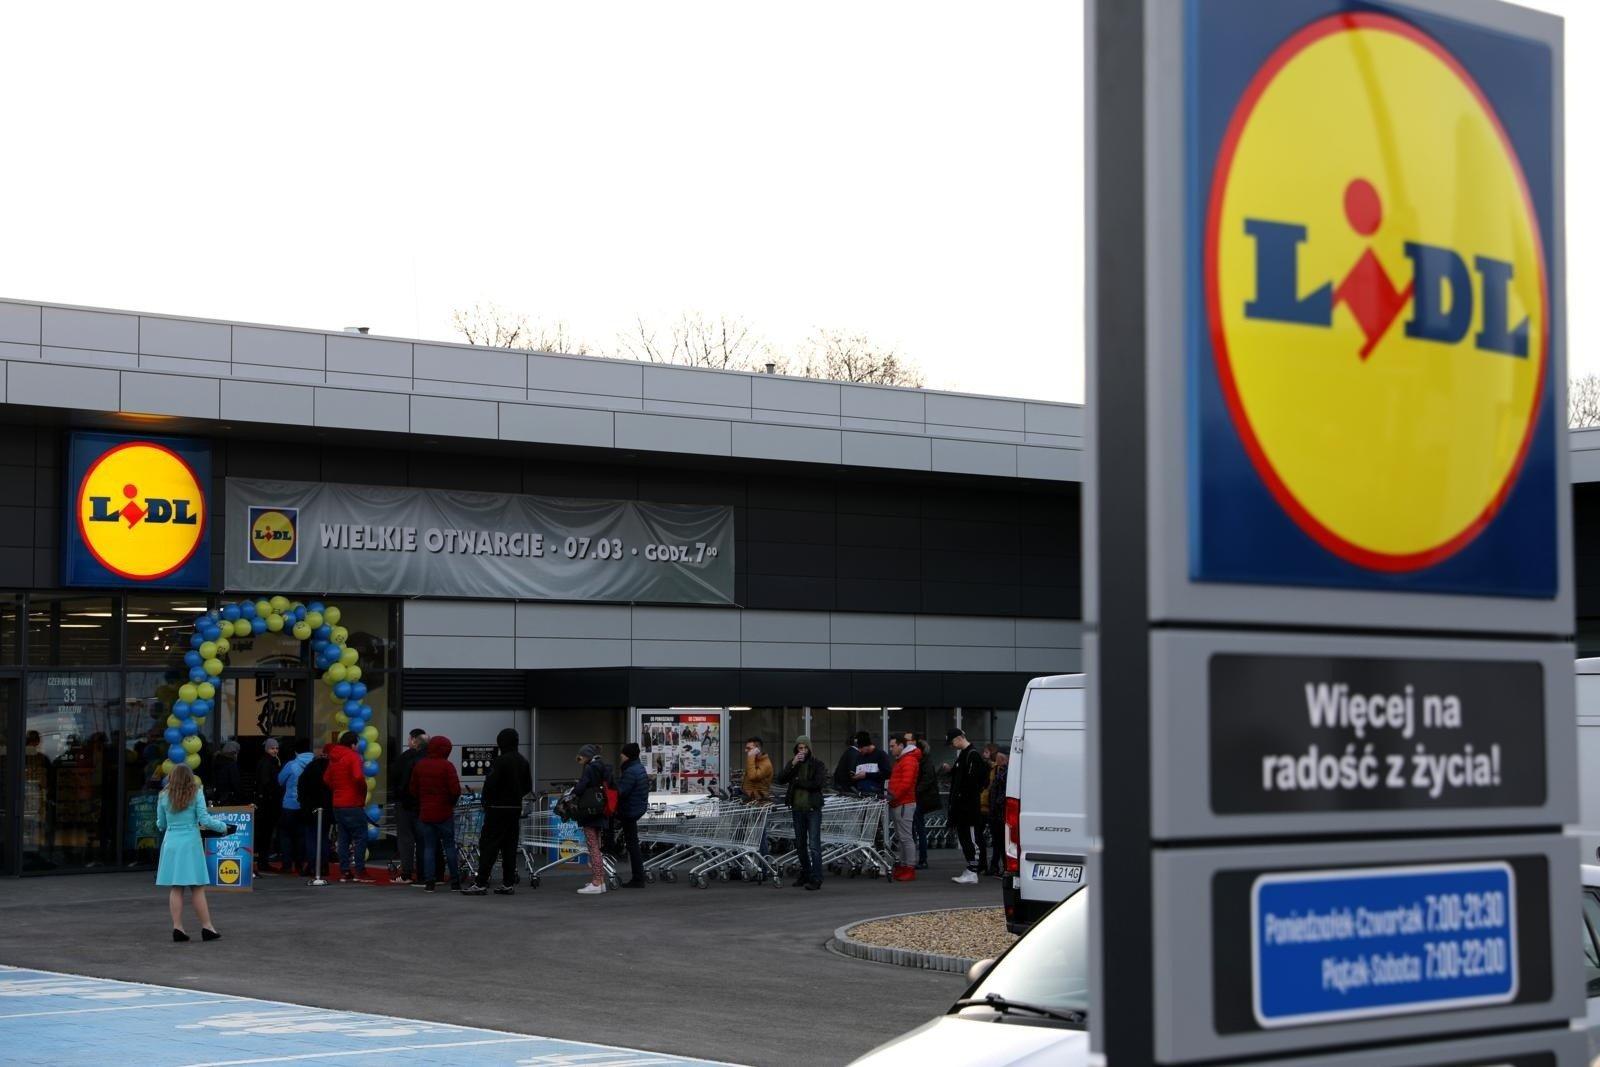 Lidl wycofuje tę ofertę z Polski! Zobacz, co przestanie sprzedawać Lidl | Gazeta Pomorska